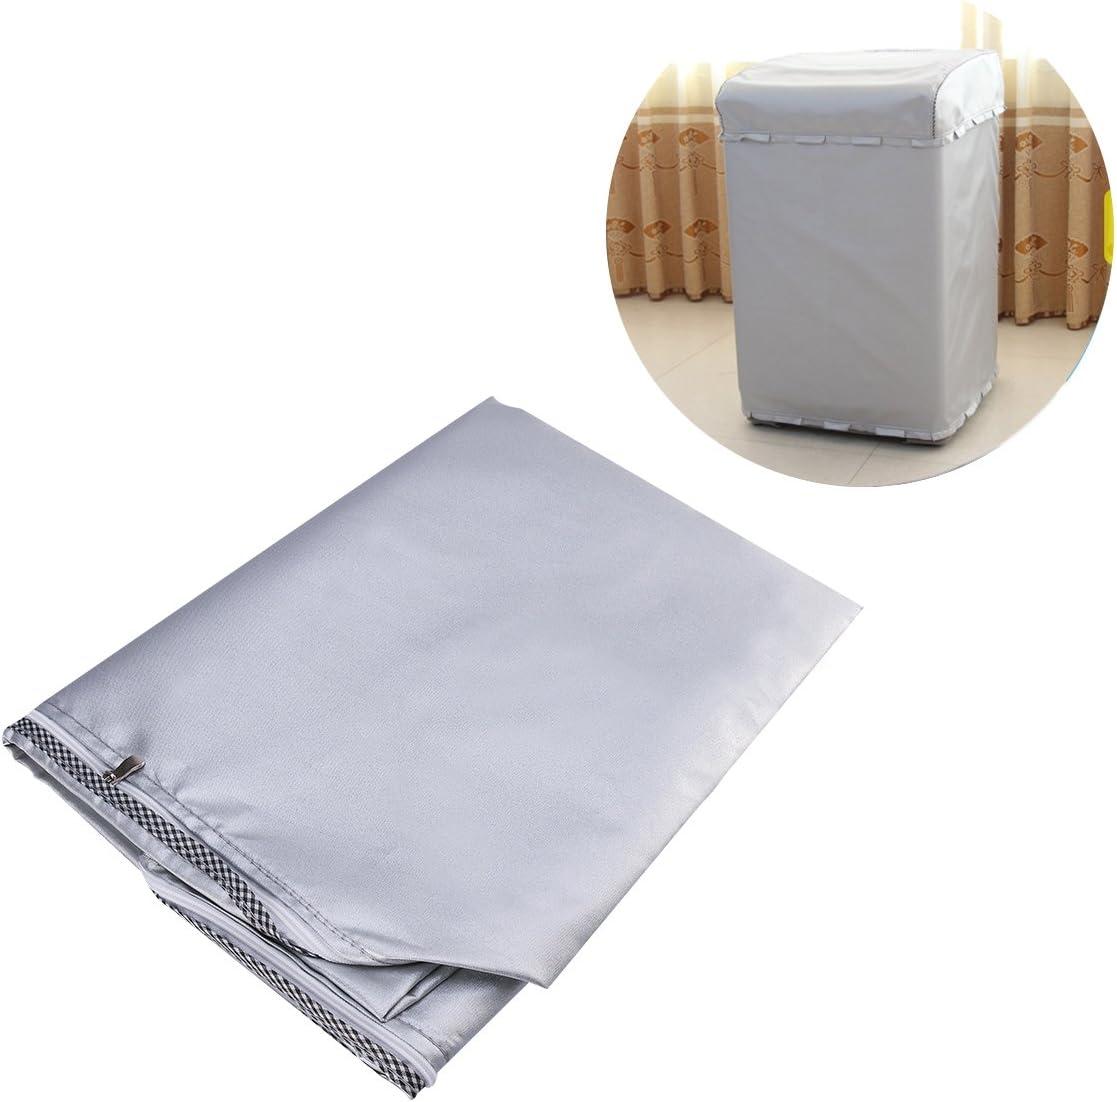 LIOOBO Funda para Lavadora Carga Superior Refrigerador Universal Cubierta Superior del Secador y Lavadora Automática Impermeable a Prueba de Polvo 58 * 60 * 92 CM